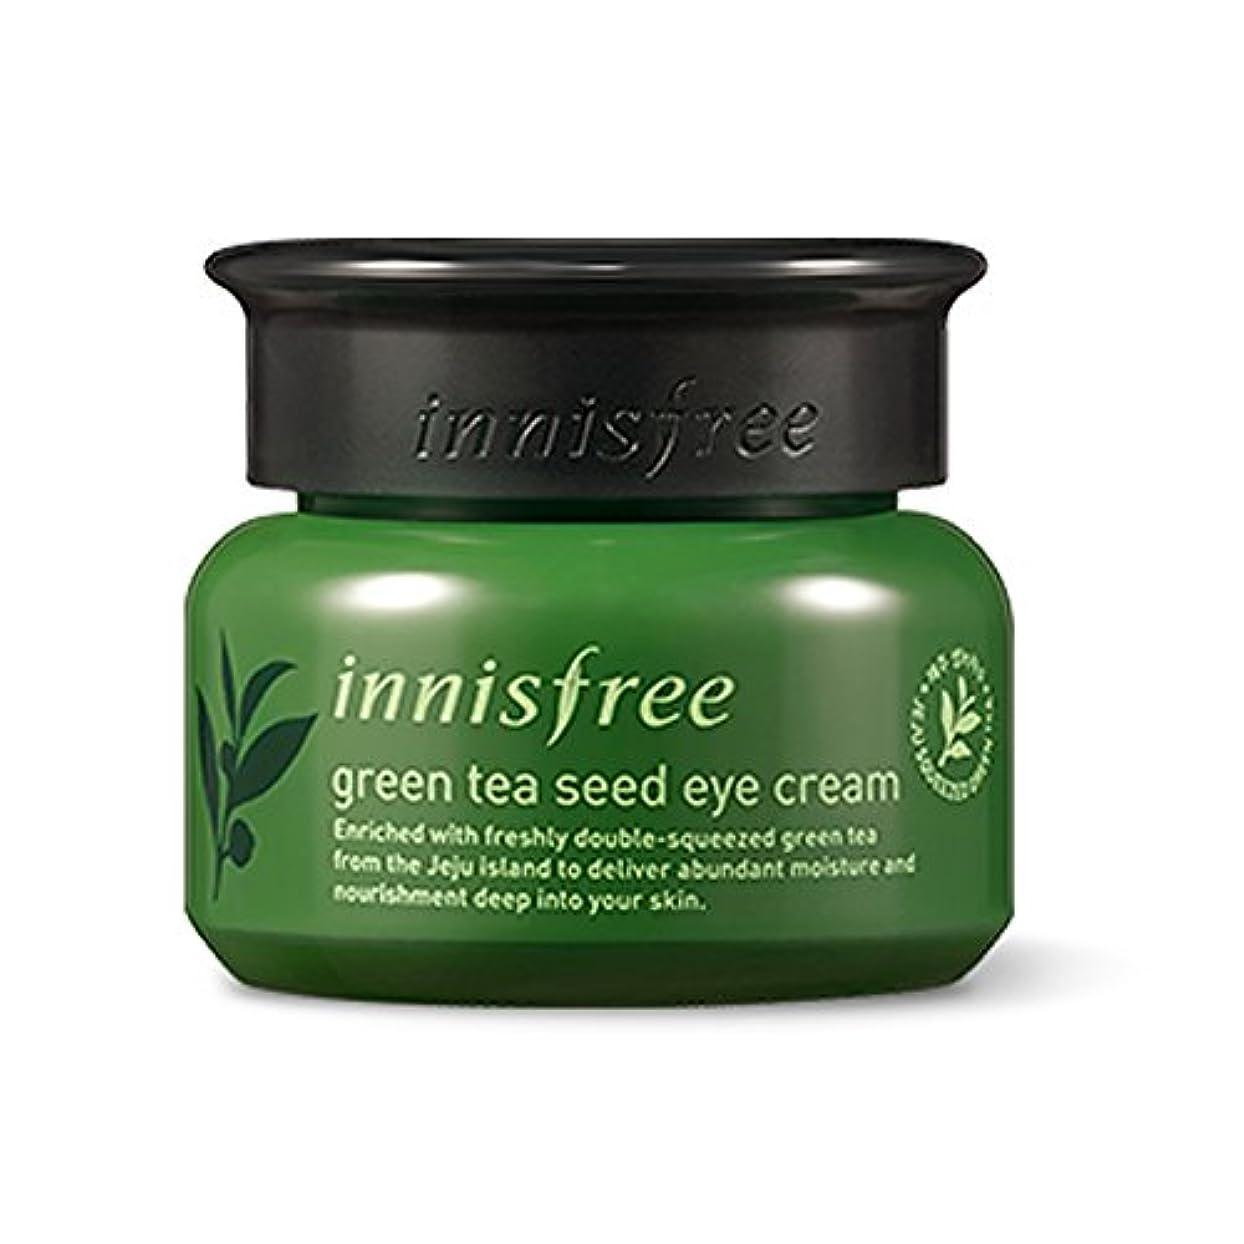 回転するエンジン発疹イニスフリーグリーンティーシードアイクリーム30ml Innisfree The Green Tea Seed Eye Cream 30ml [海外直送品][並行輸入品]